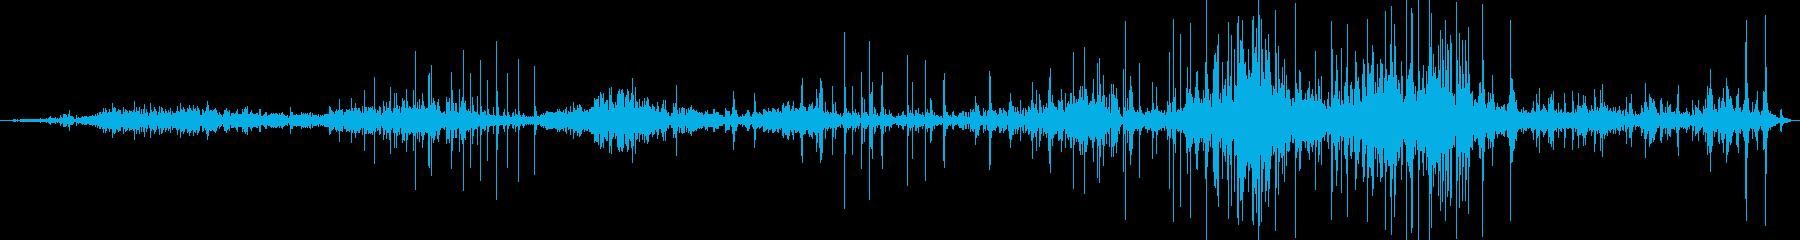 中世の管弦楽団:ドローの再生済みの波形